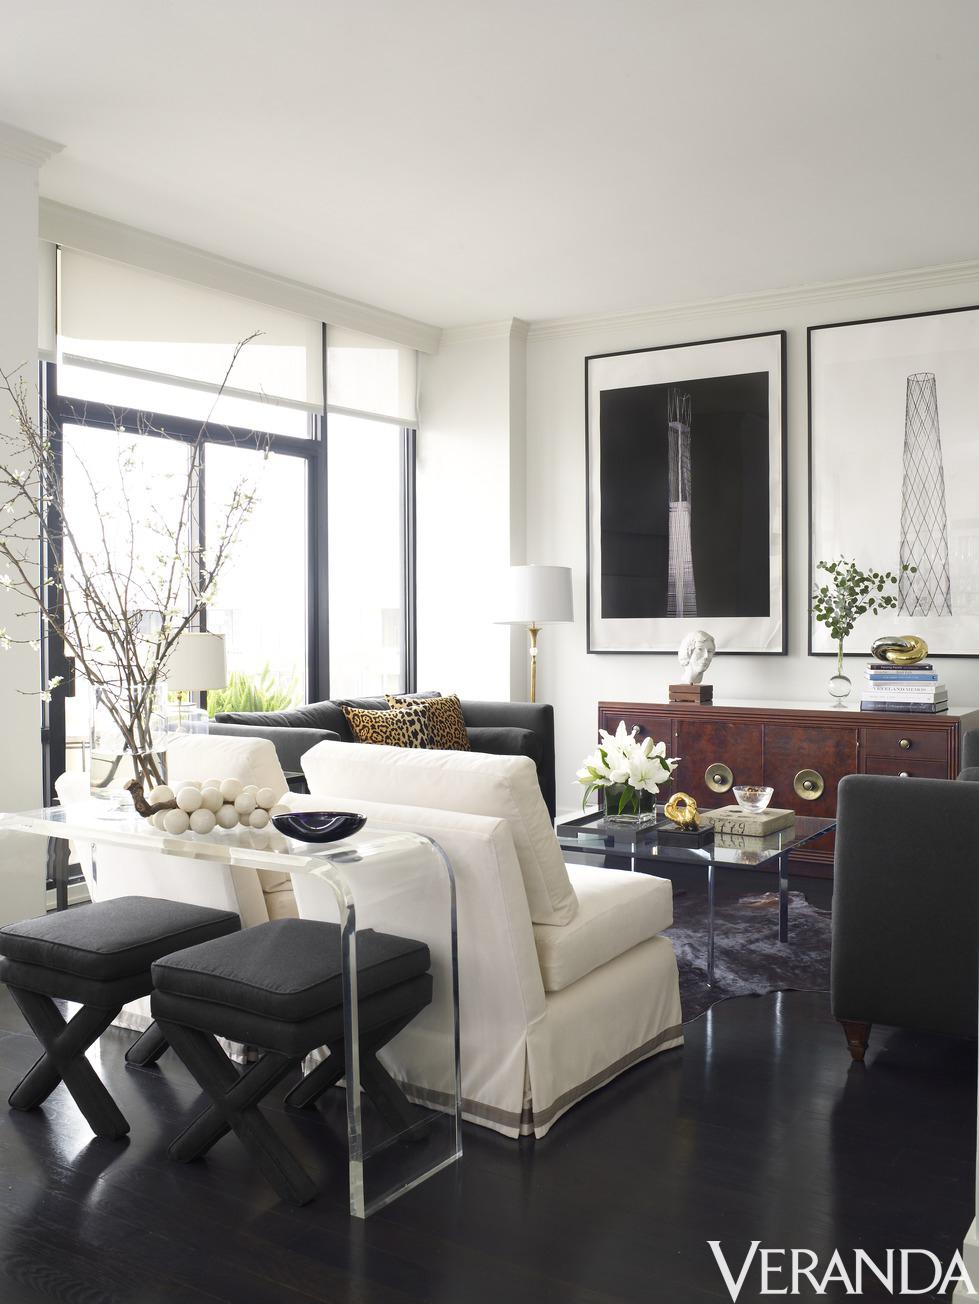 House tour a texas penthouse as fashionable as its owner - Houston interior design magazine ...